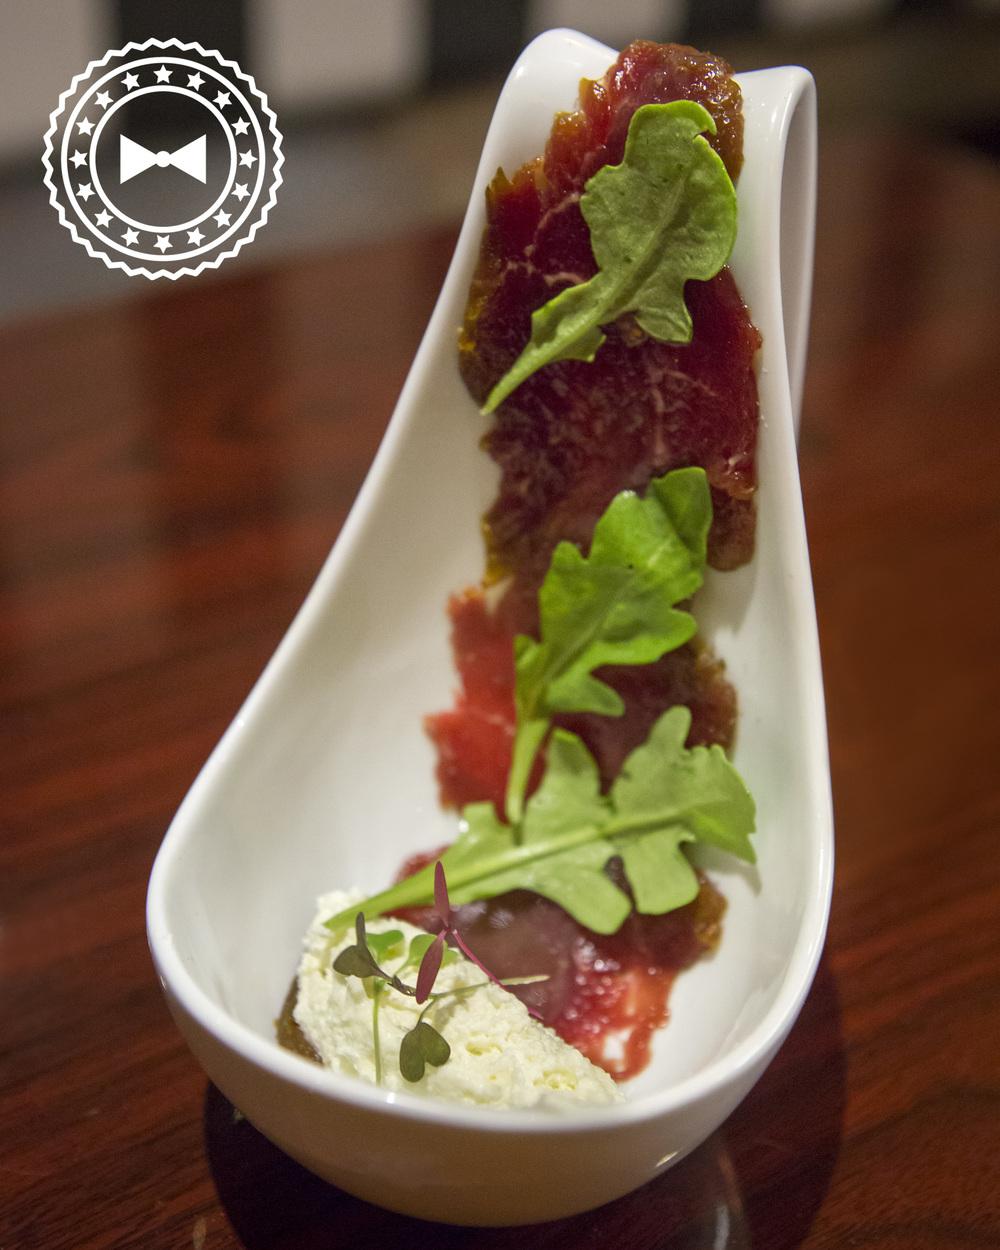 Carpaccio de Filet Mignon Ahumado  con mousse de manchecho y mostaza cereza borbón, exclusivo de HOPS, por Chicharrón.